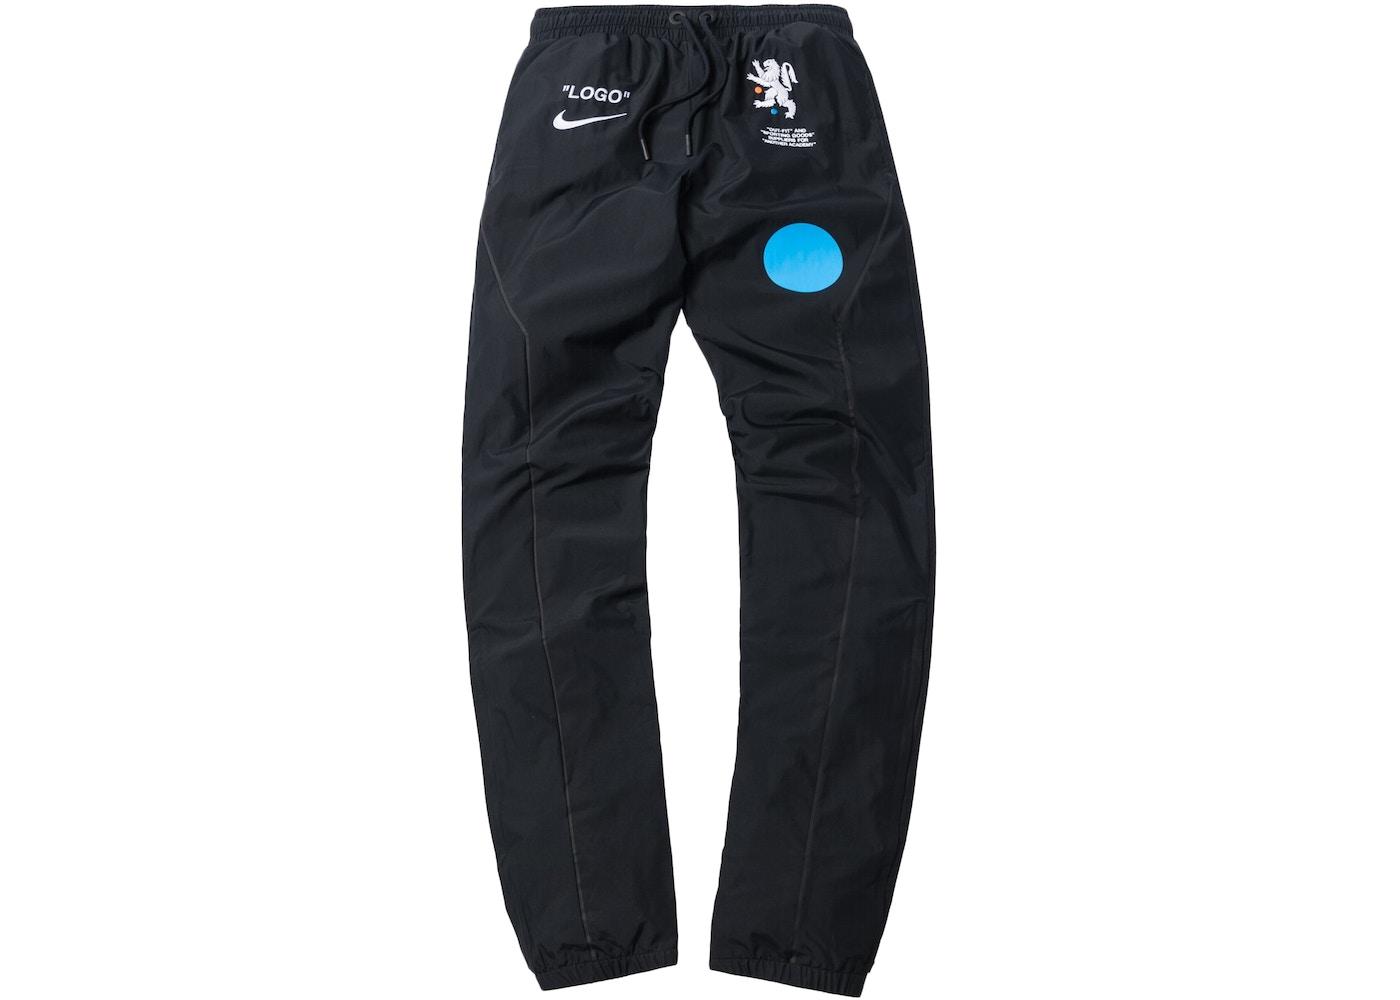 c0b233b0 Nikelab x OFF-WHITE Mercurial NRG X FB Pant Black - SS18